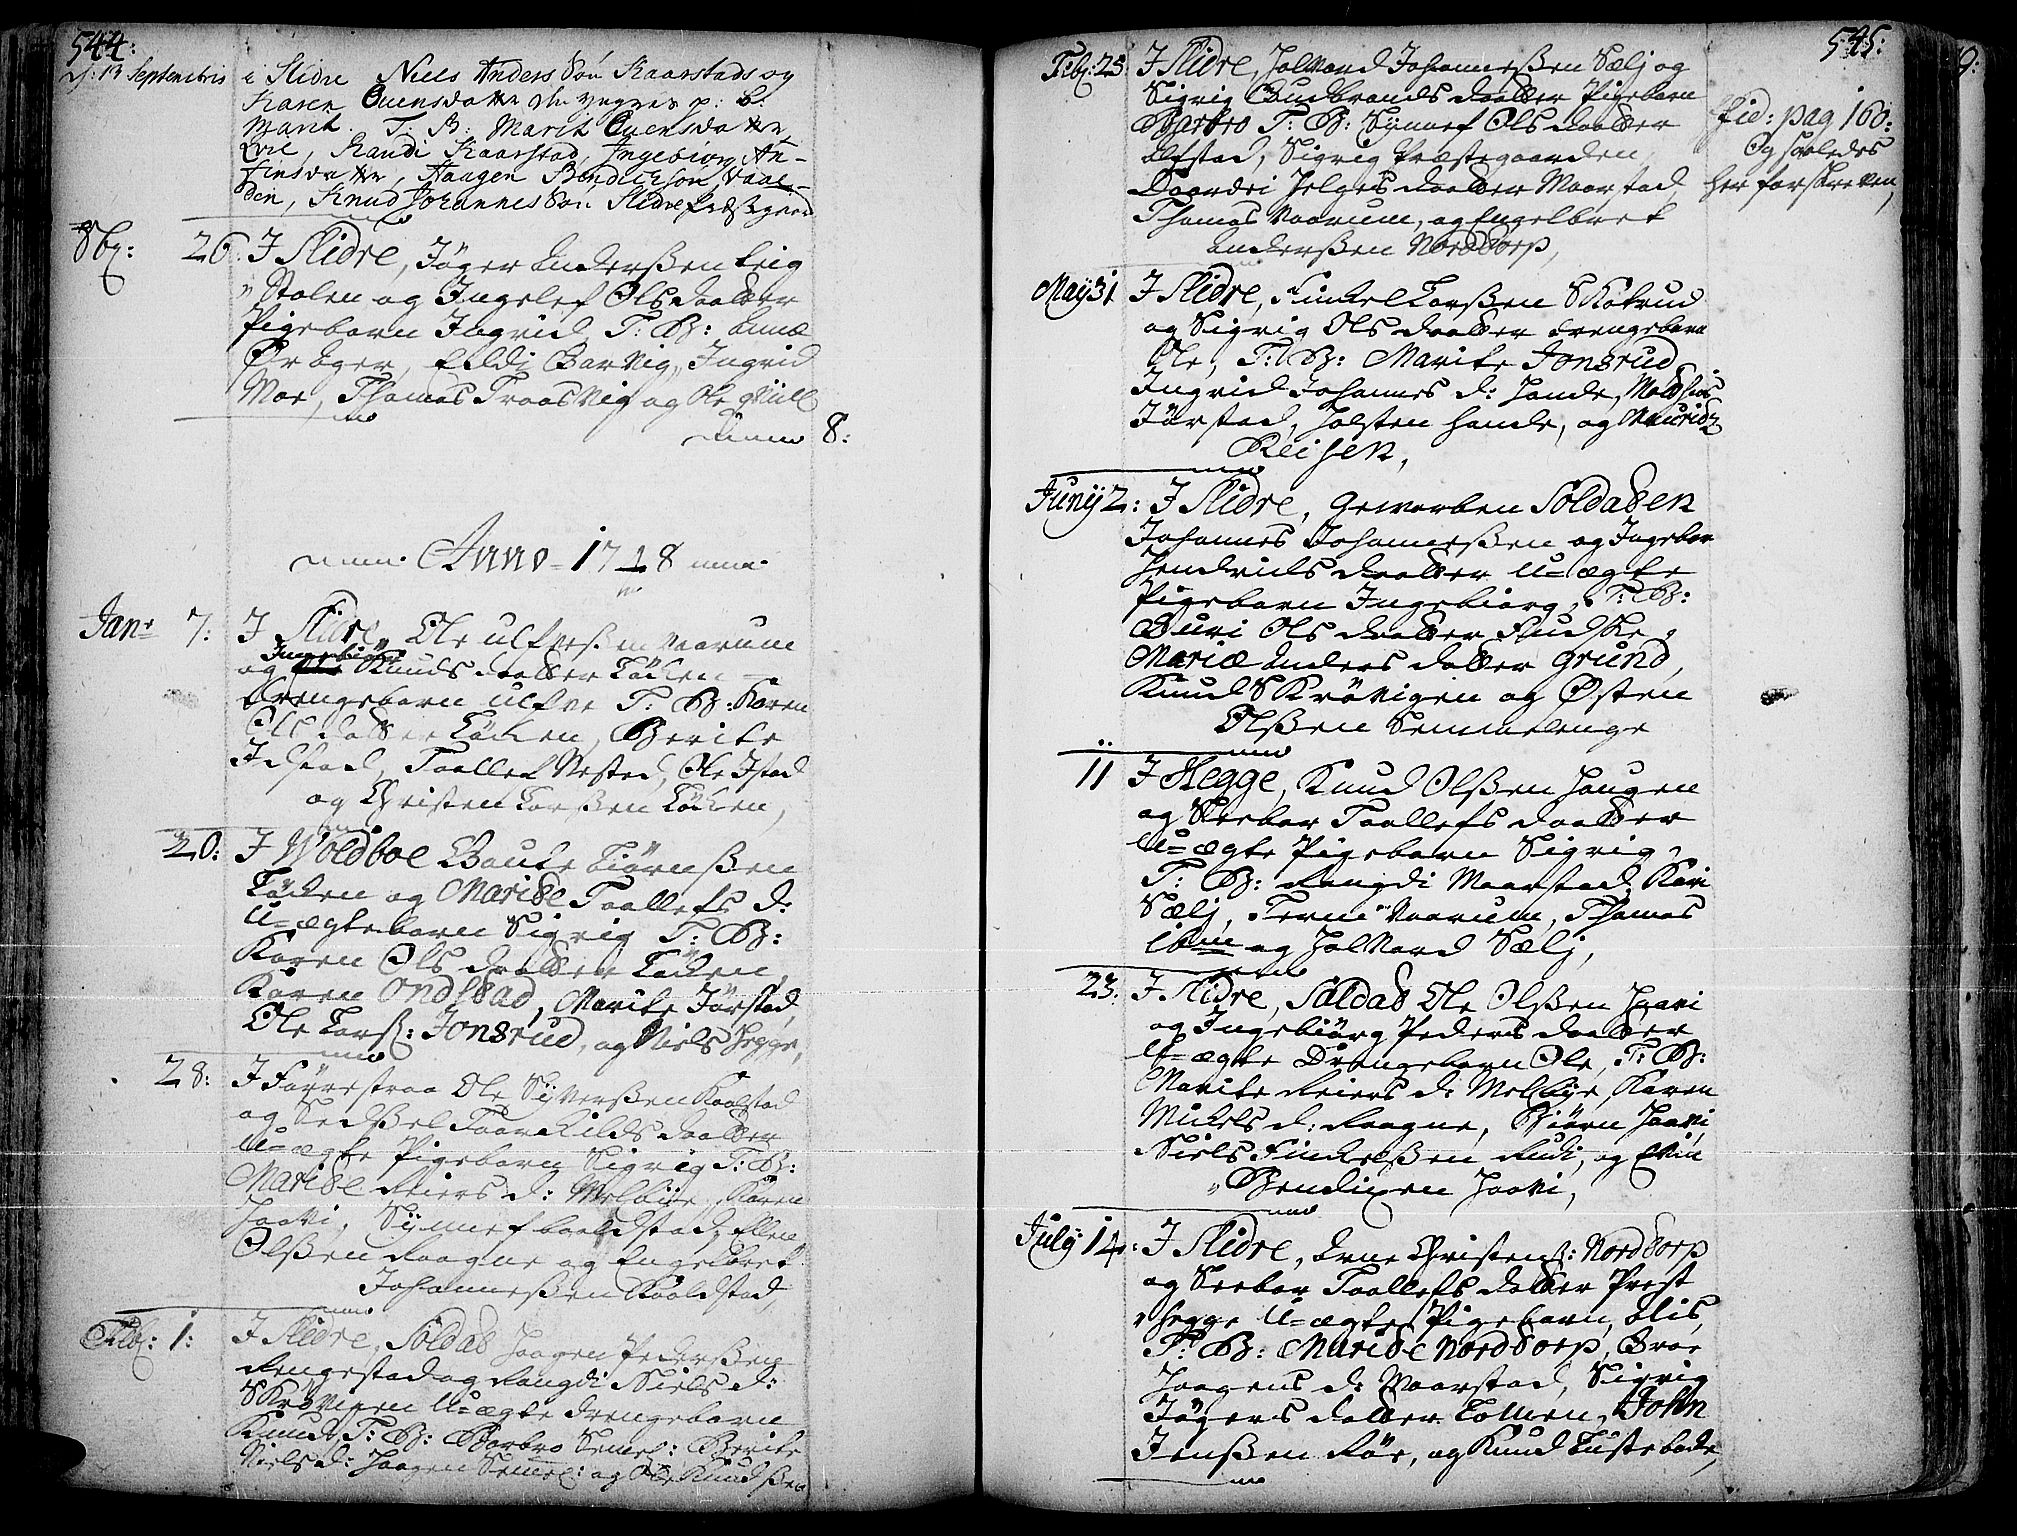 SAH, Slidre prestekontor, Ministerialbok nr. 1, 1724-1814, s. 544-545